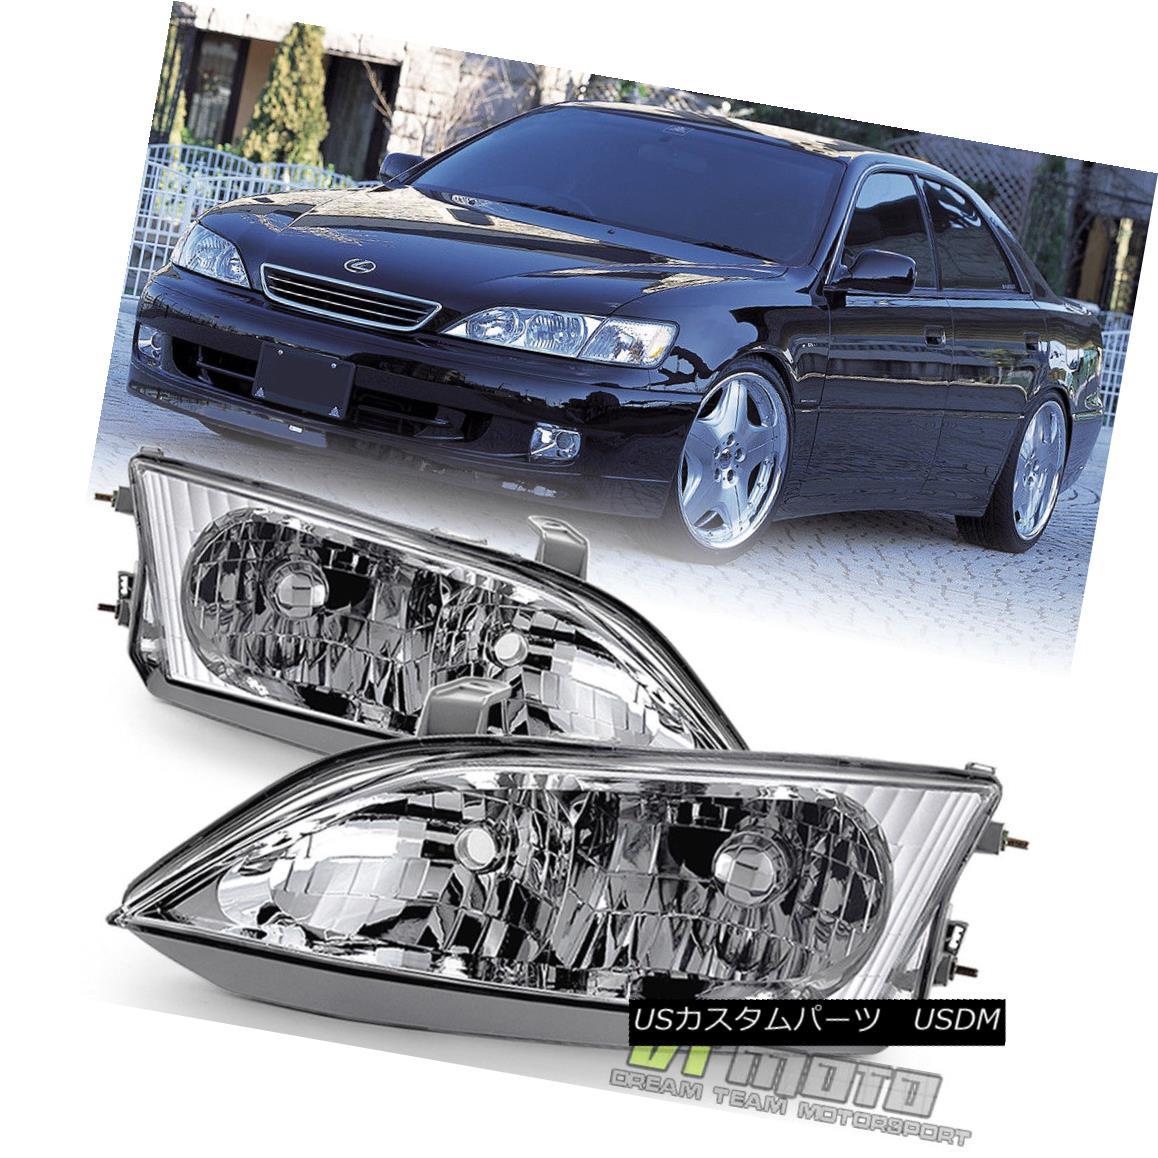 ヘッドライト 1997-2001 Lexus ES300 [Factory Style] Halogen Headlights Headlamps Left+Right 1997?2001年レクサスES300 [工場スタイル]ハロゲンヘッドライトヘッドランプ左+右